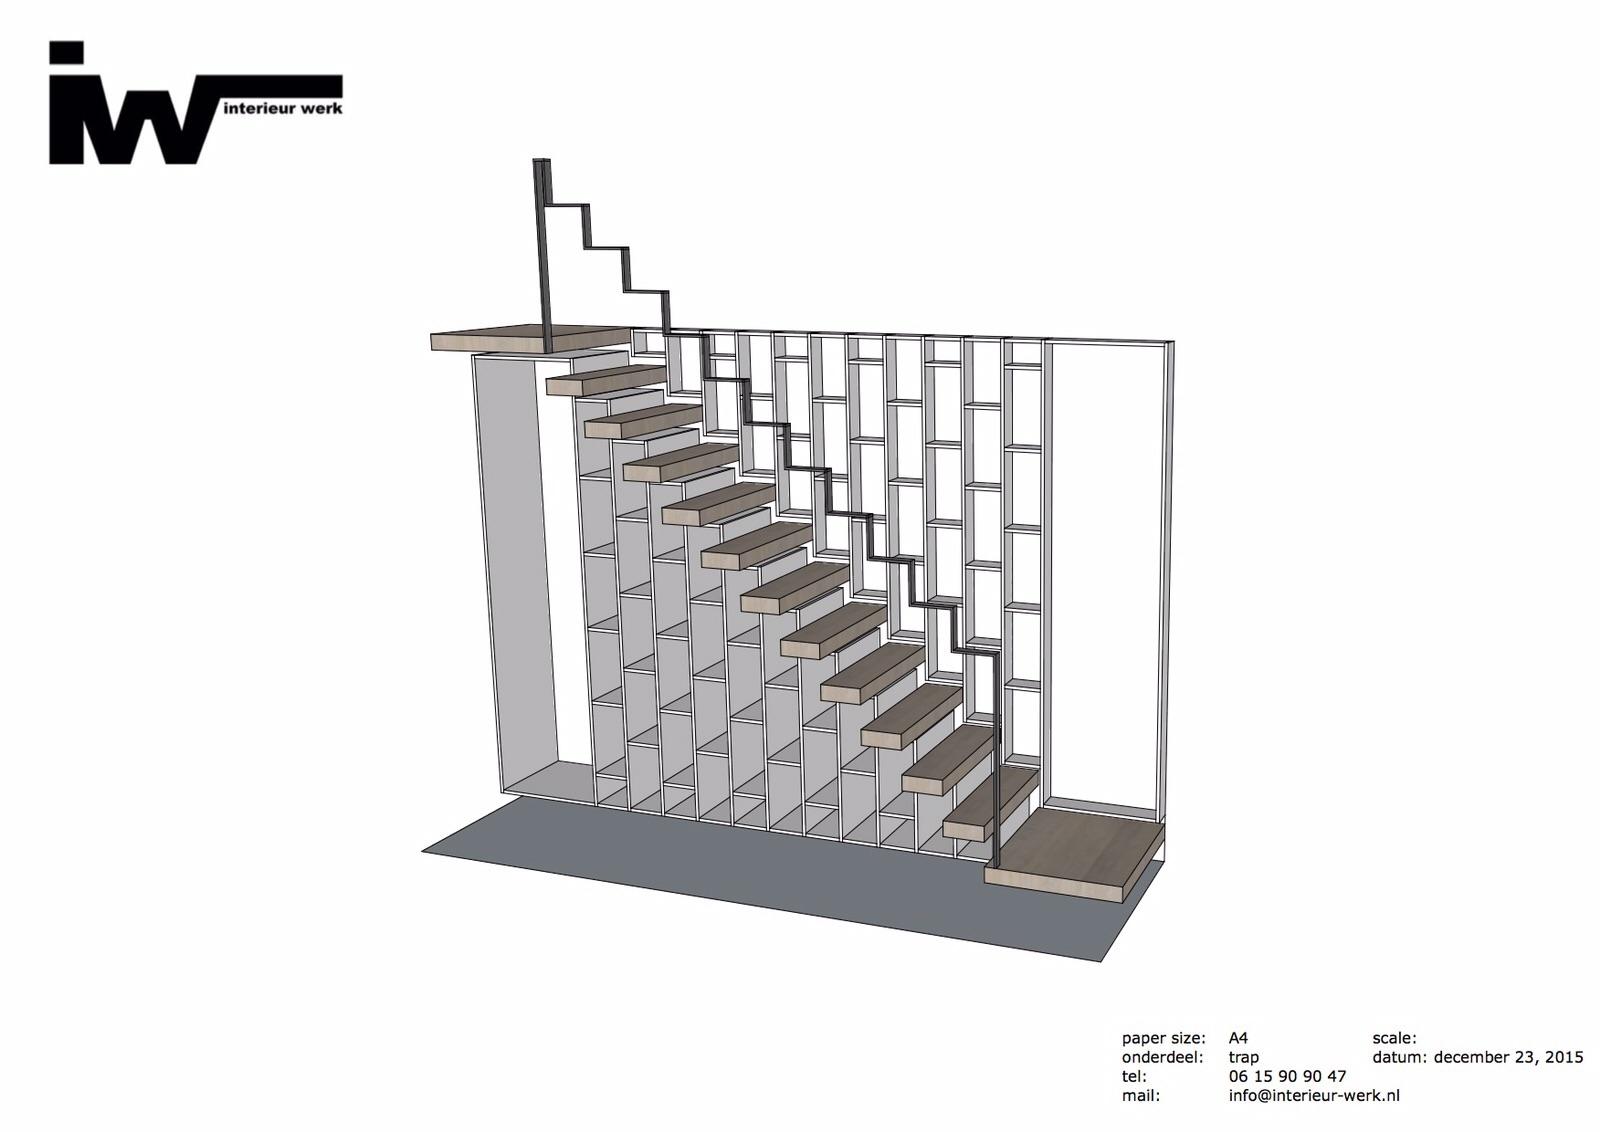 Trap ontwerpen cheap steektrap ontwerpen with trap for Trap ontwerpen